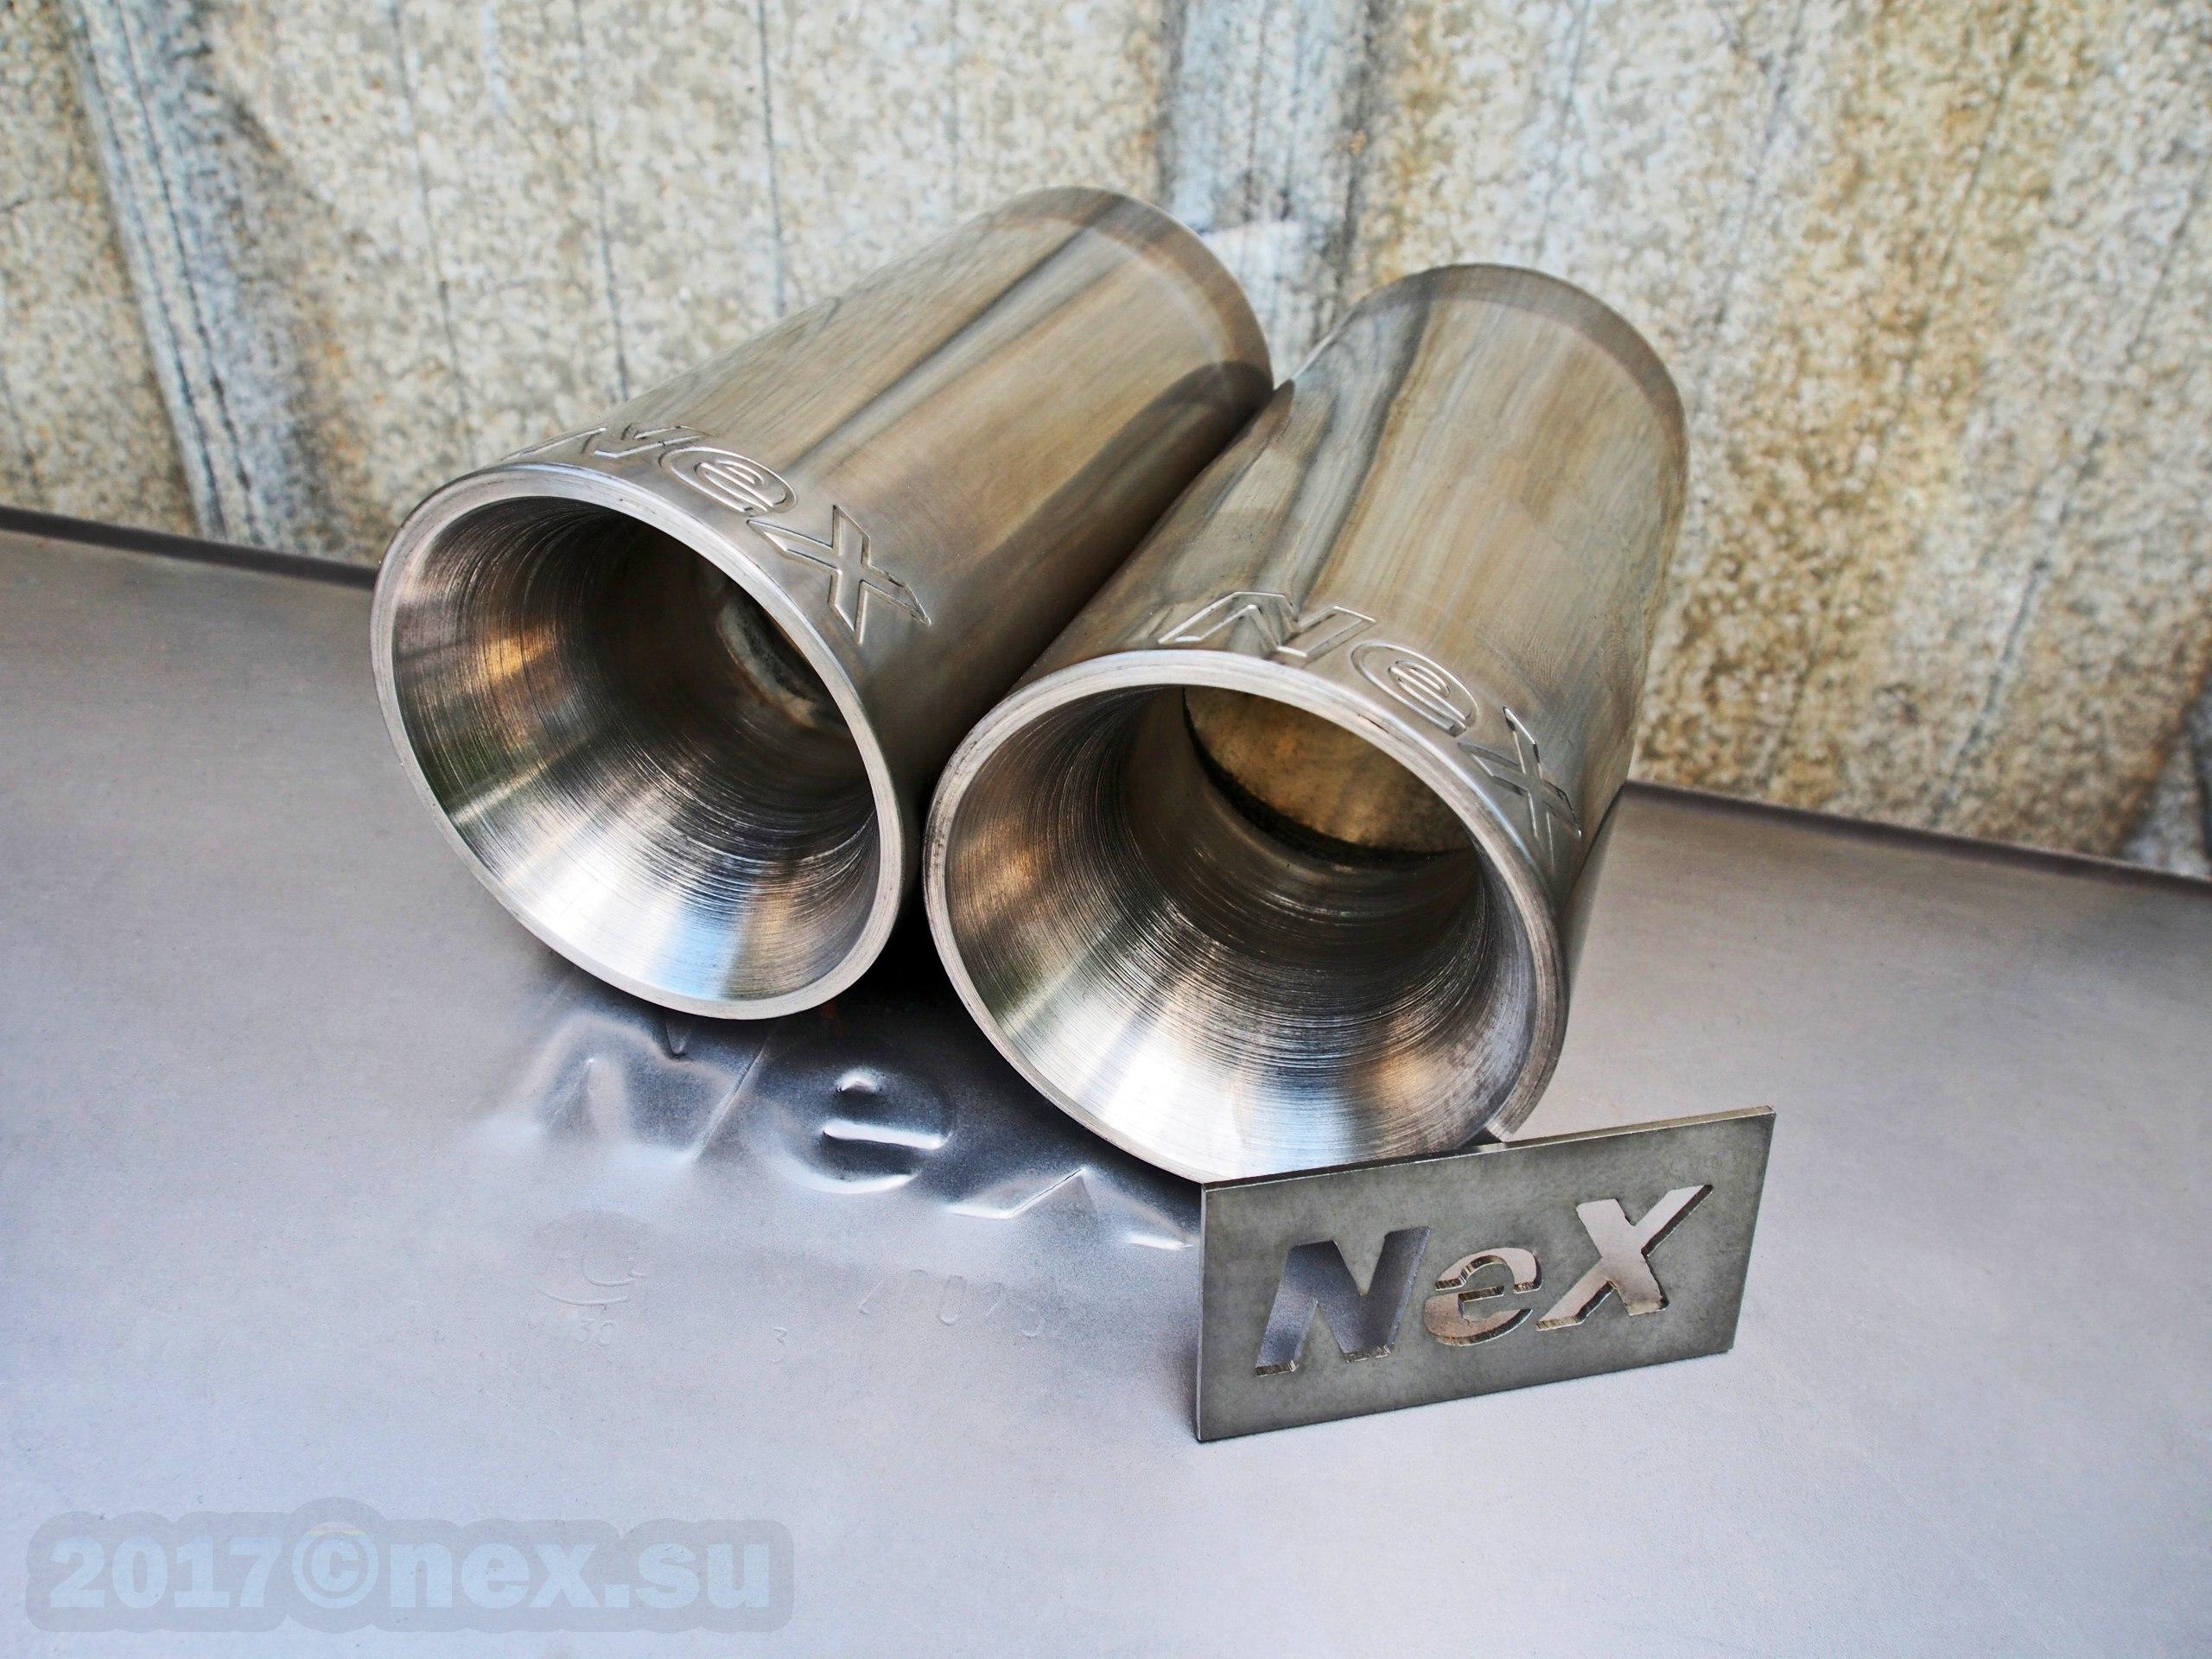 Новая маркировка NeX® насадок Ø 76 мм.